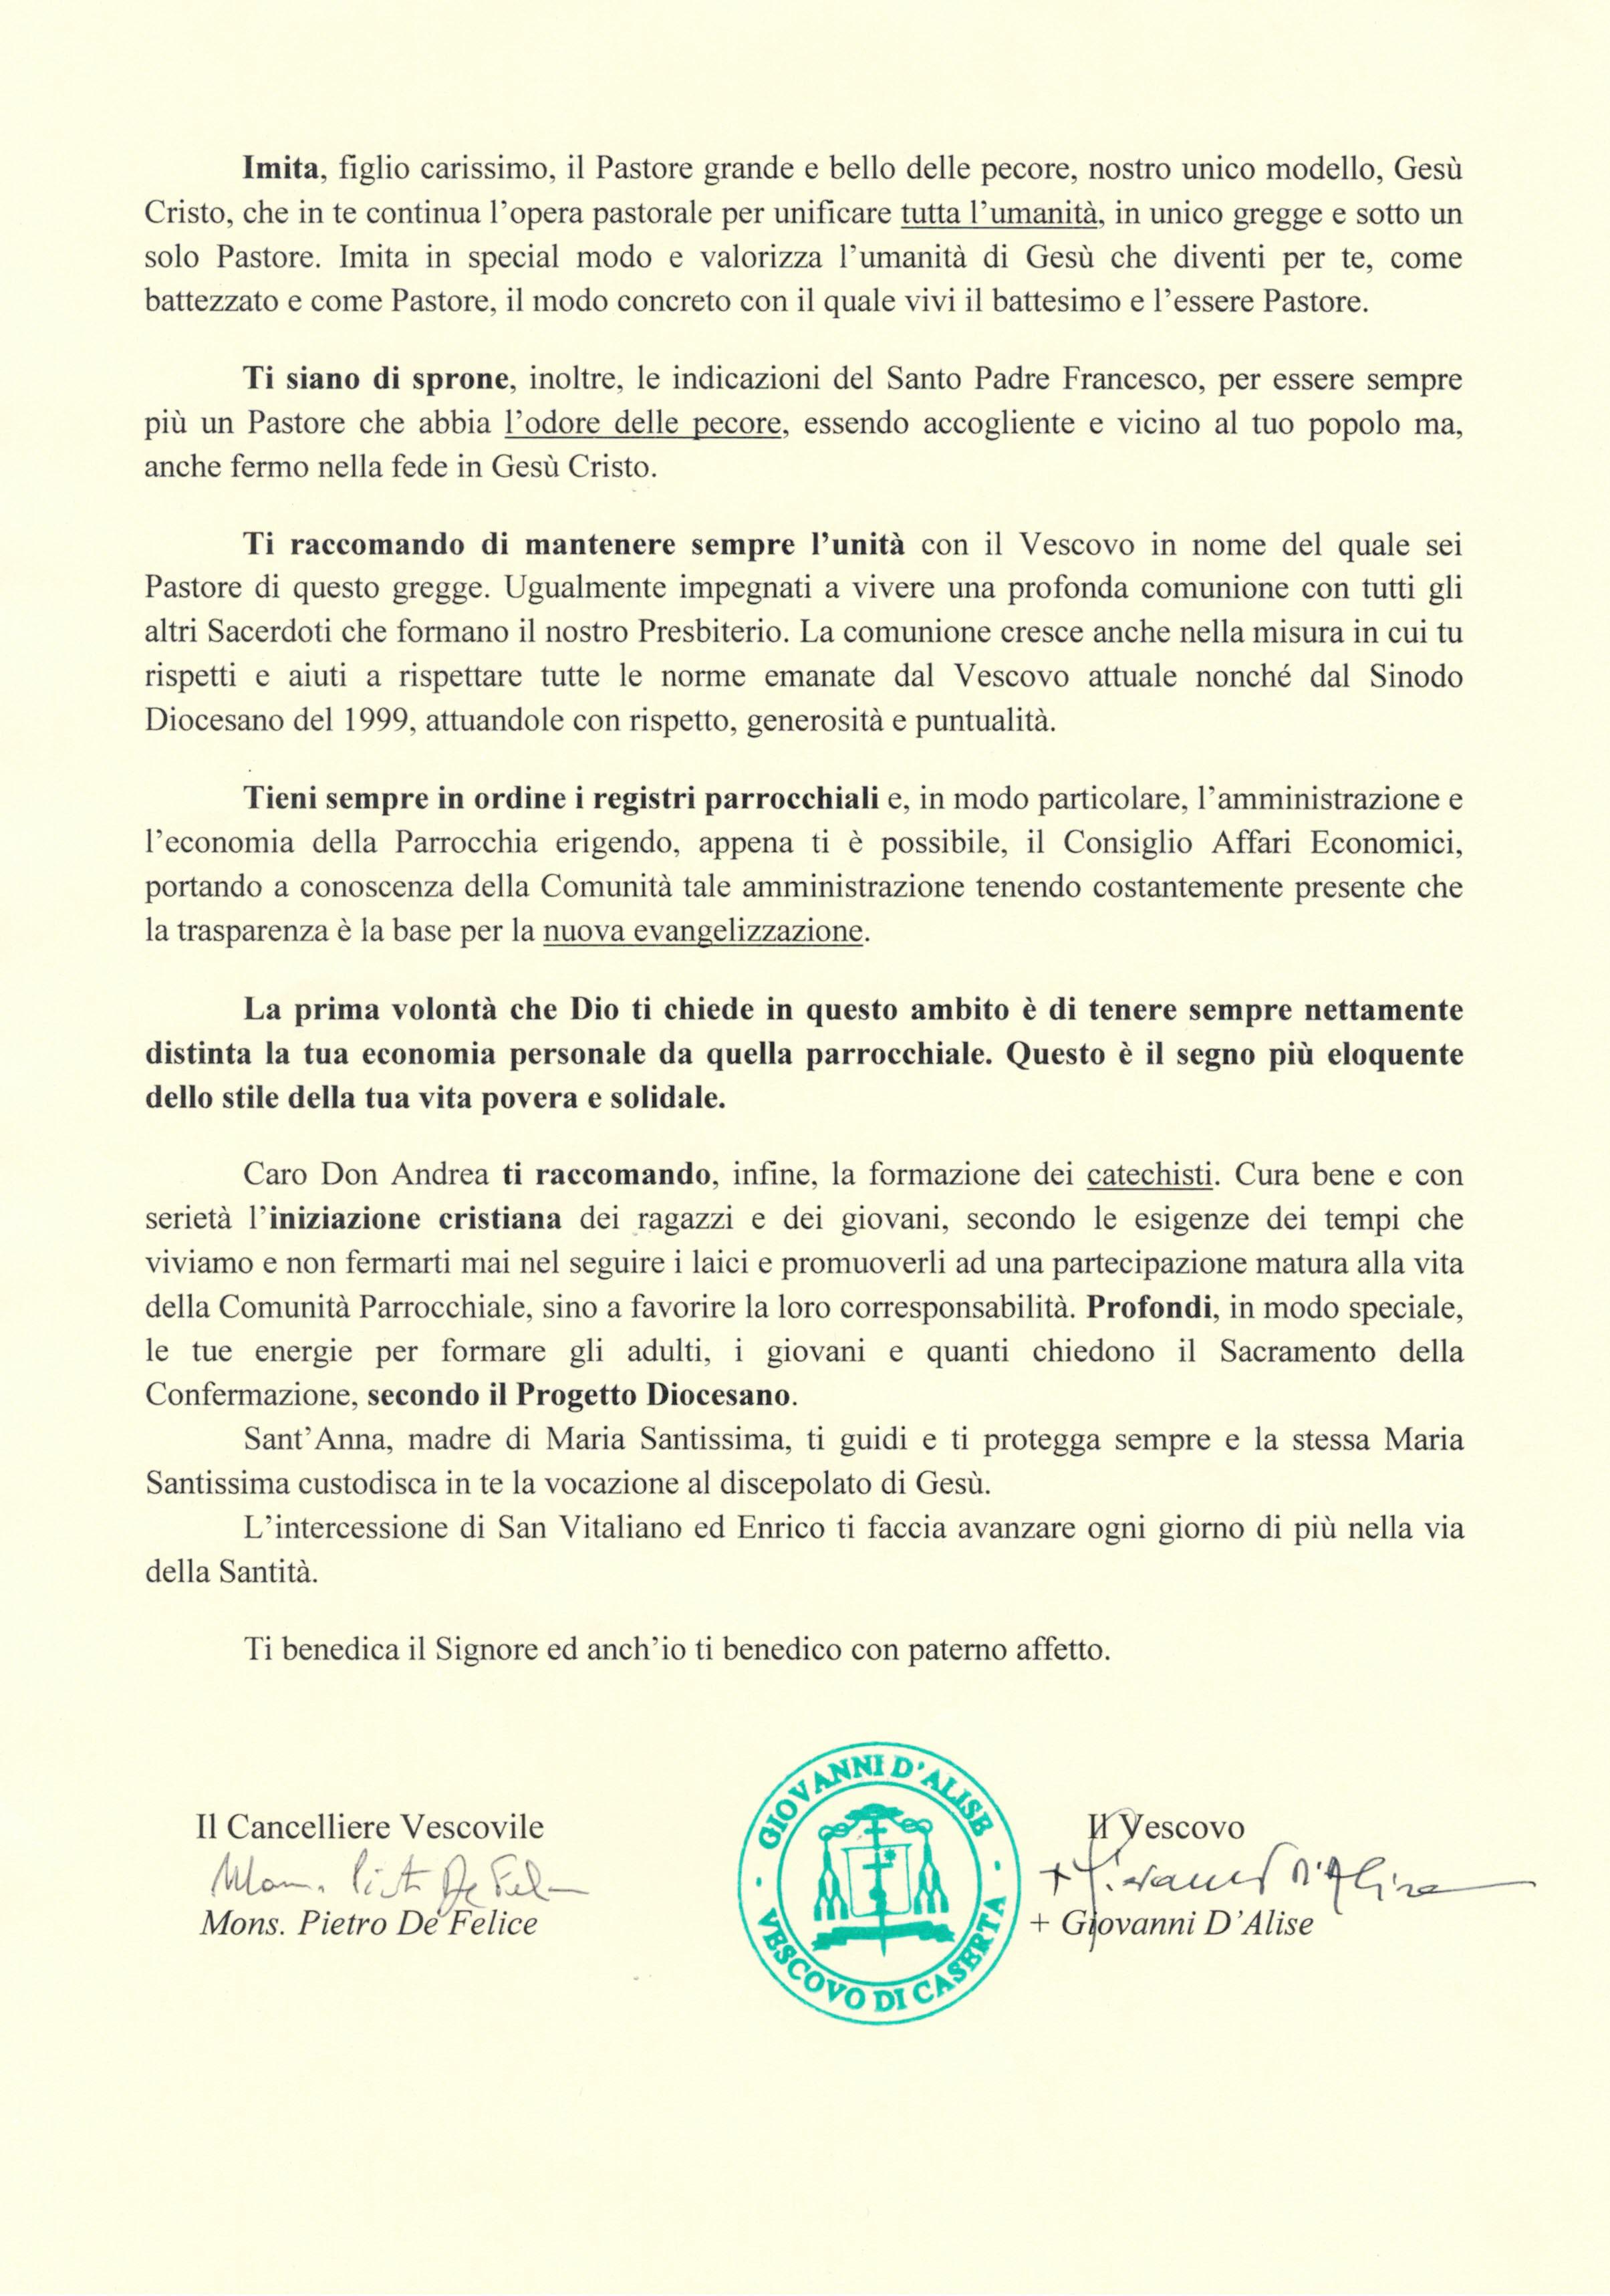 Decreto Nomina Vescovile - 20171028_Pagina_2